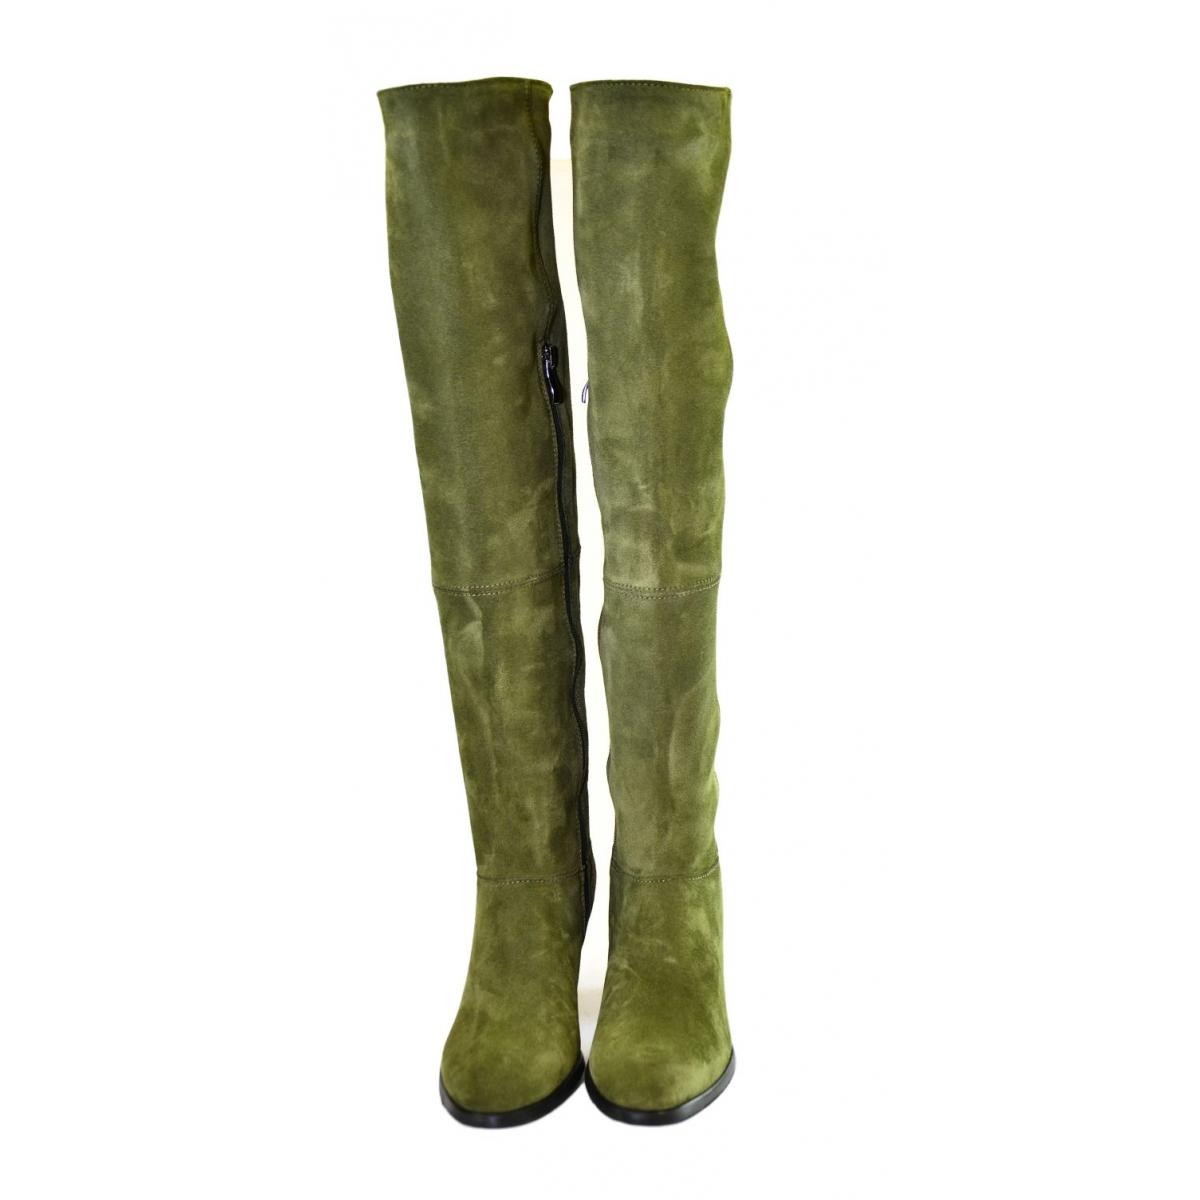 065f22ceeac6 Dámske olivovo-zelené kožené čižmy KYOKO - 4